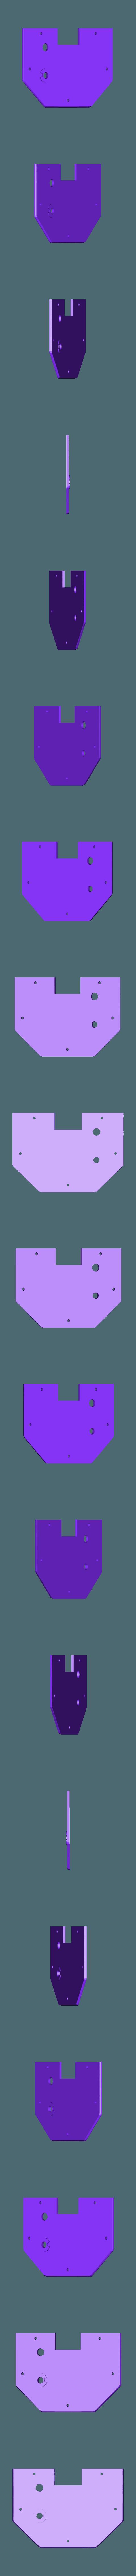 rear_box_top_plate.stl Télécharger fichier STL gratuit Ghostbuster Ghostbuster Ghosttrap • Modèle pour impression 3D, SLIDES